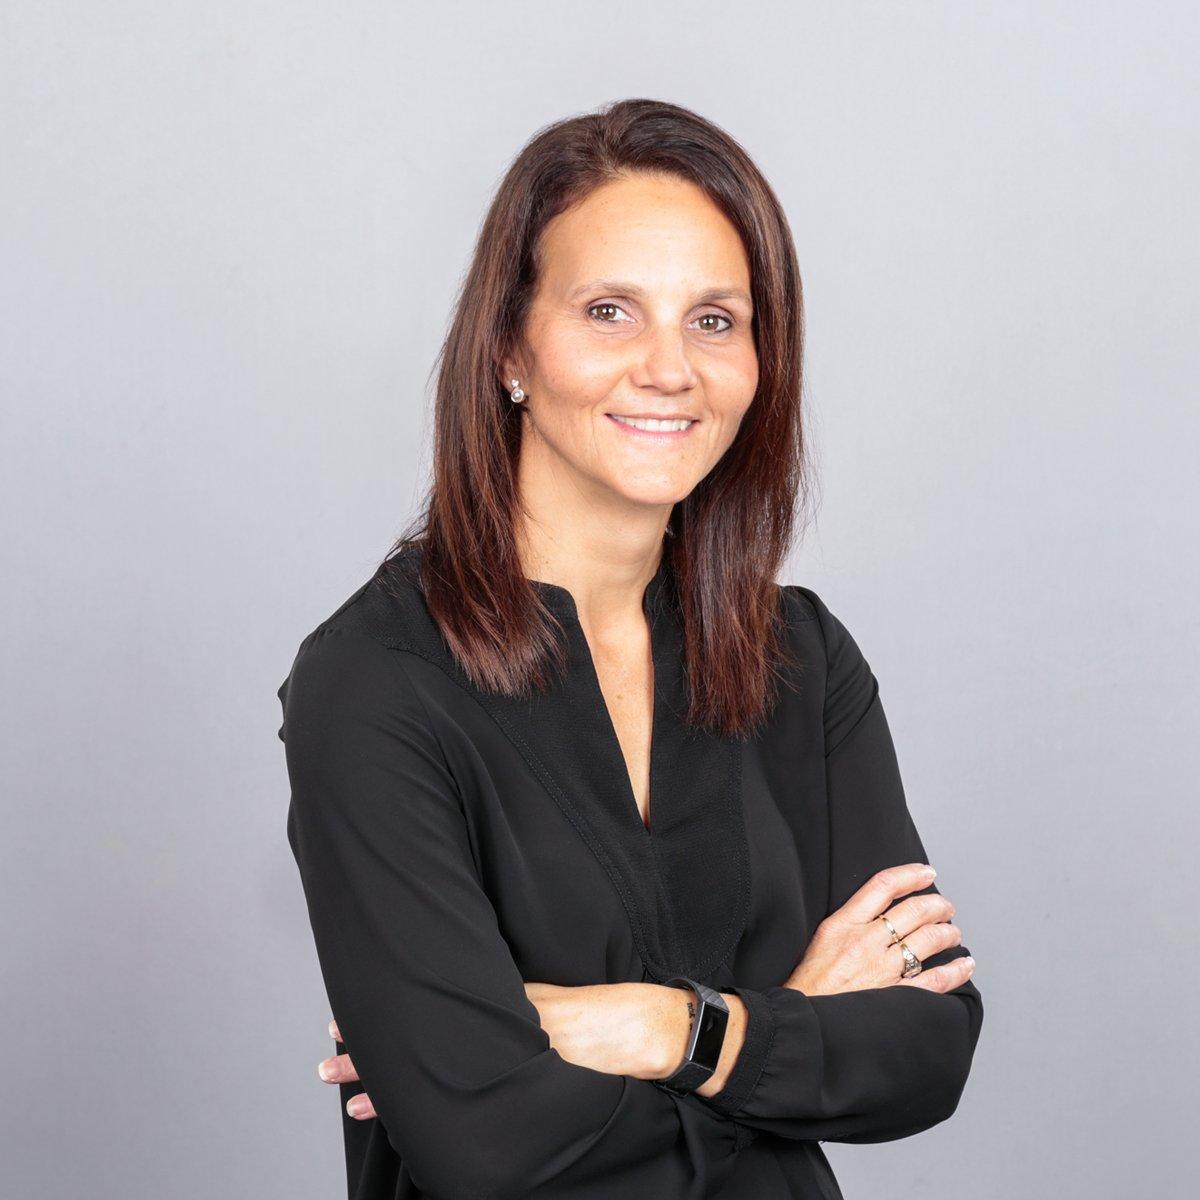 Karen Gibbons, Senior Vice President, Shared Services